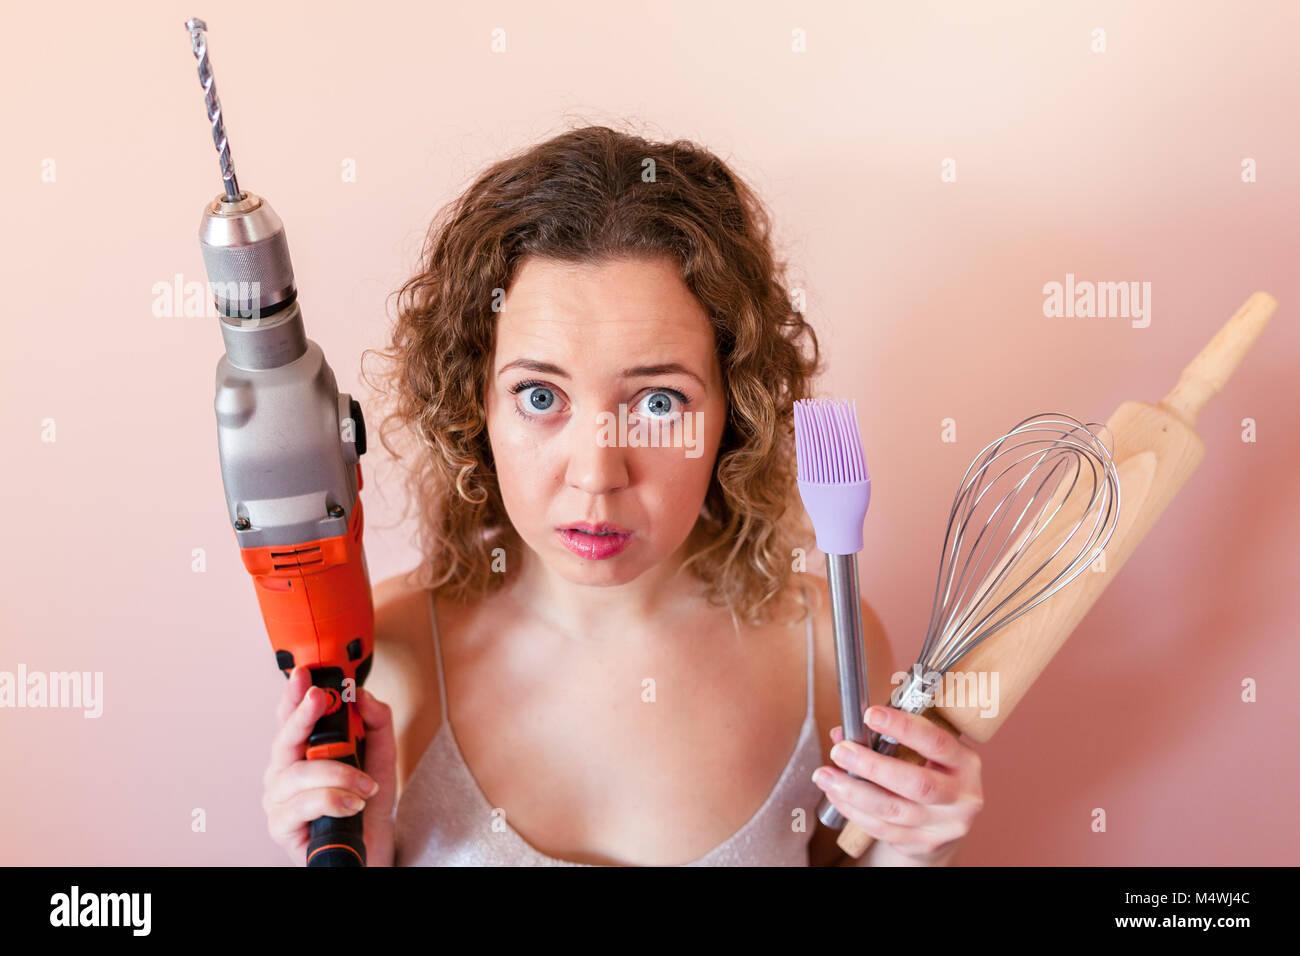 Schöne lockige Frau mit Mann driller und Küchengeräte. Die Gleichstellung von Frauen und Männern, Stockbild